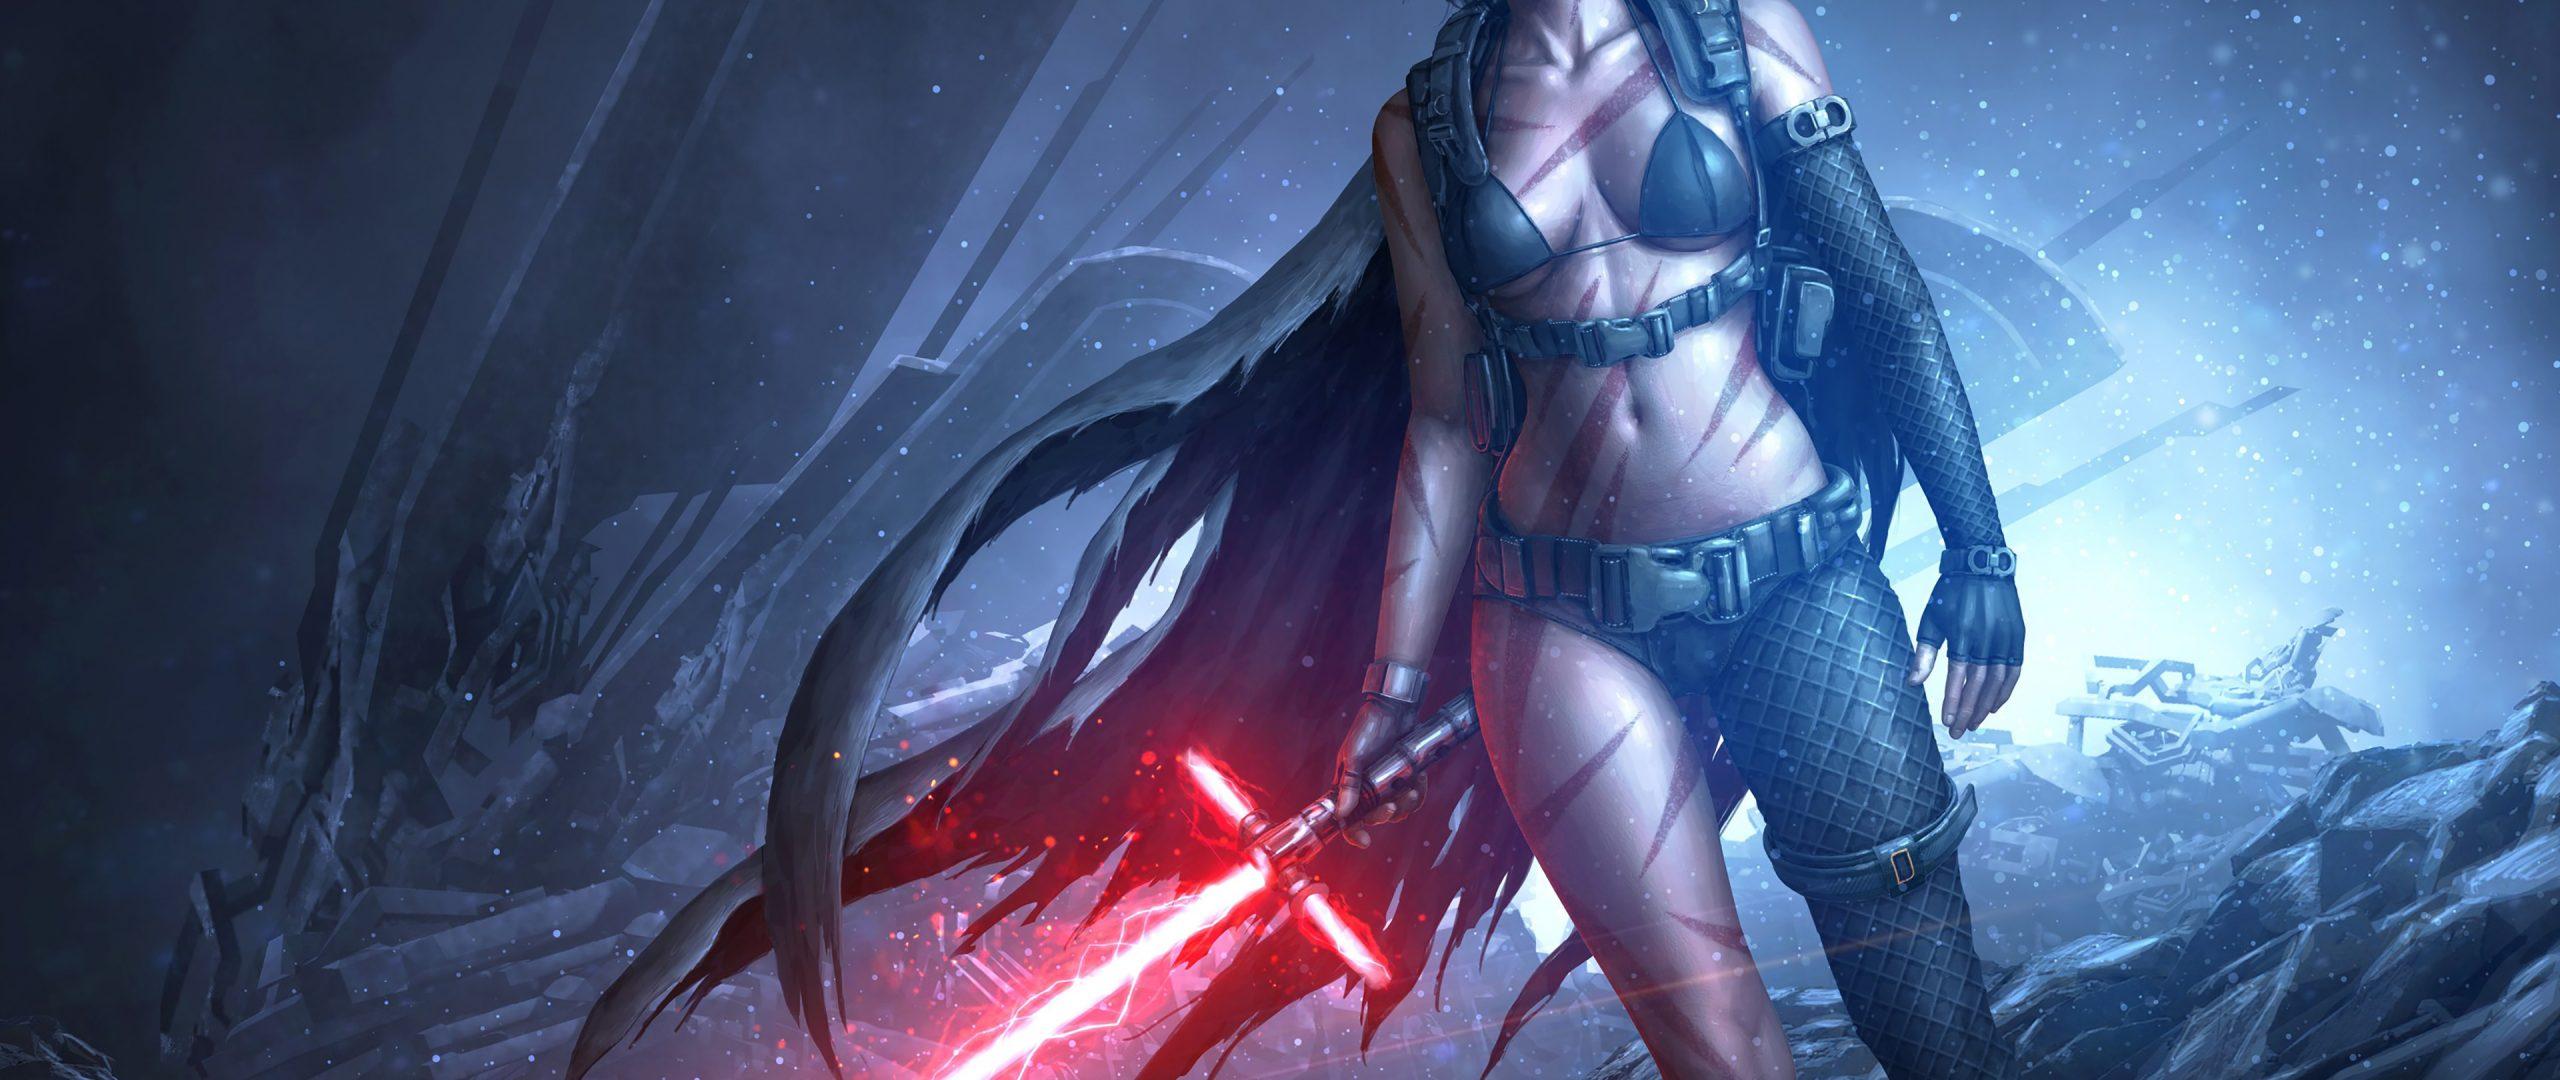 Star Wars Girl Lightsaber Red Game 4K Wallpaper